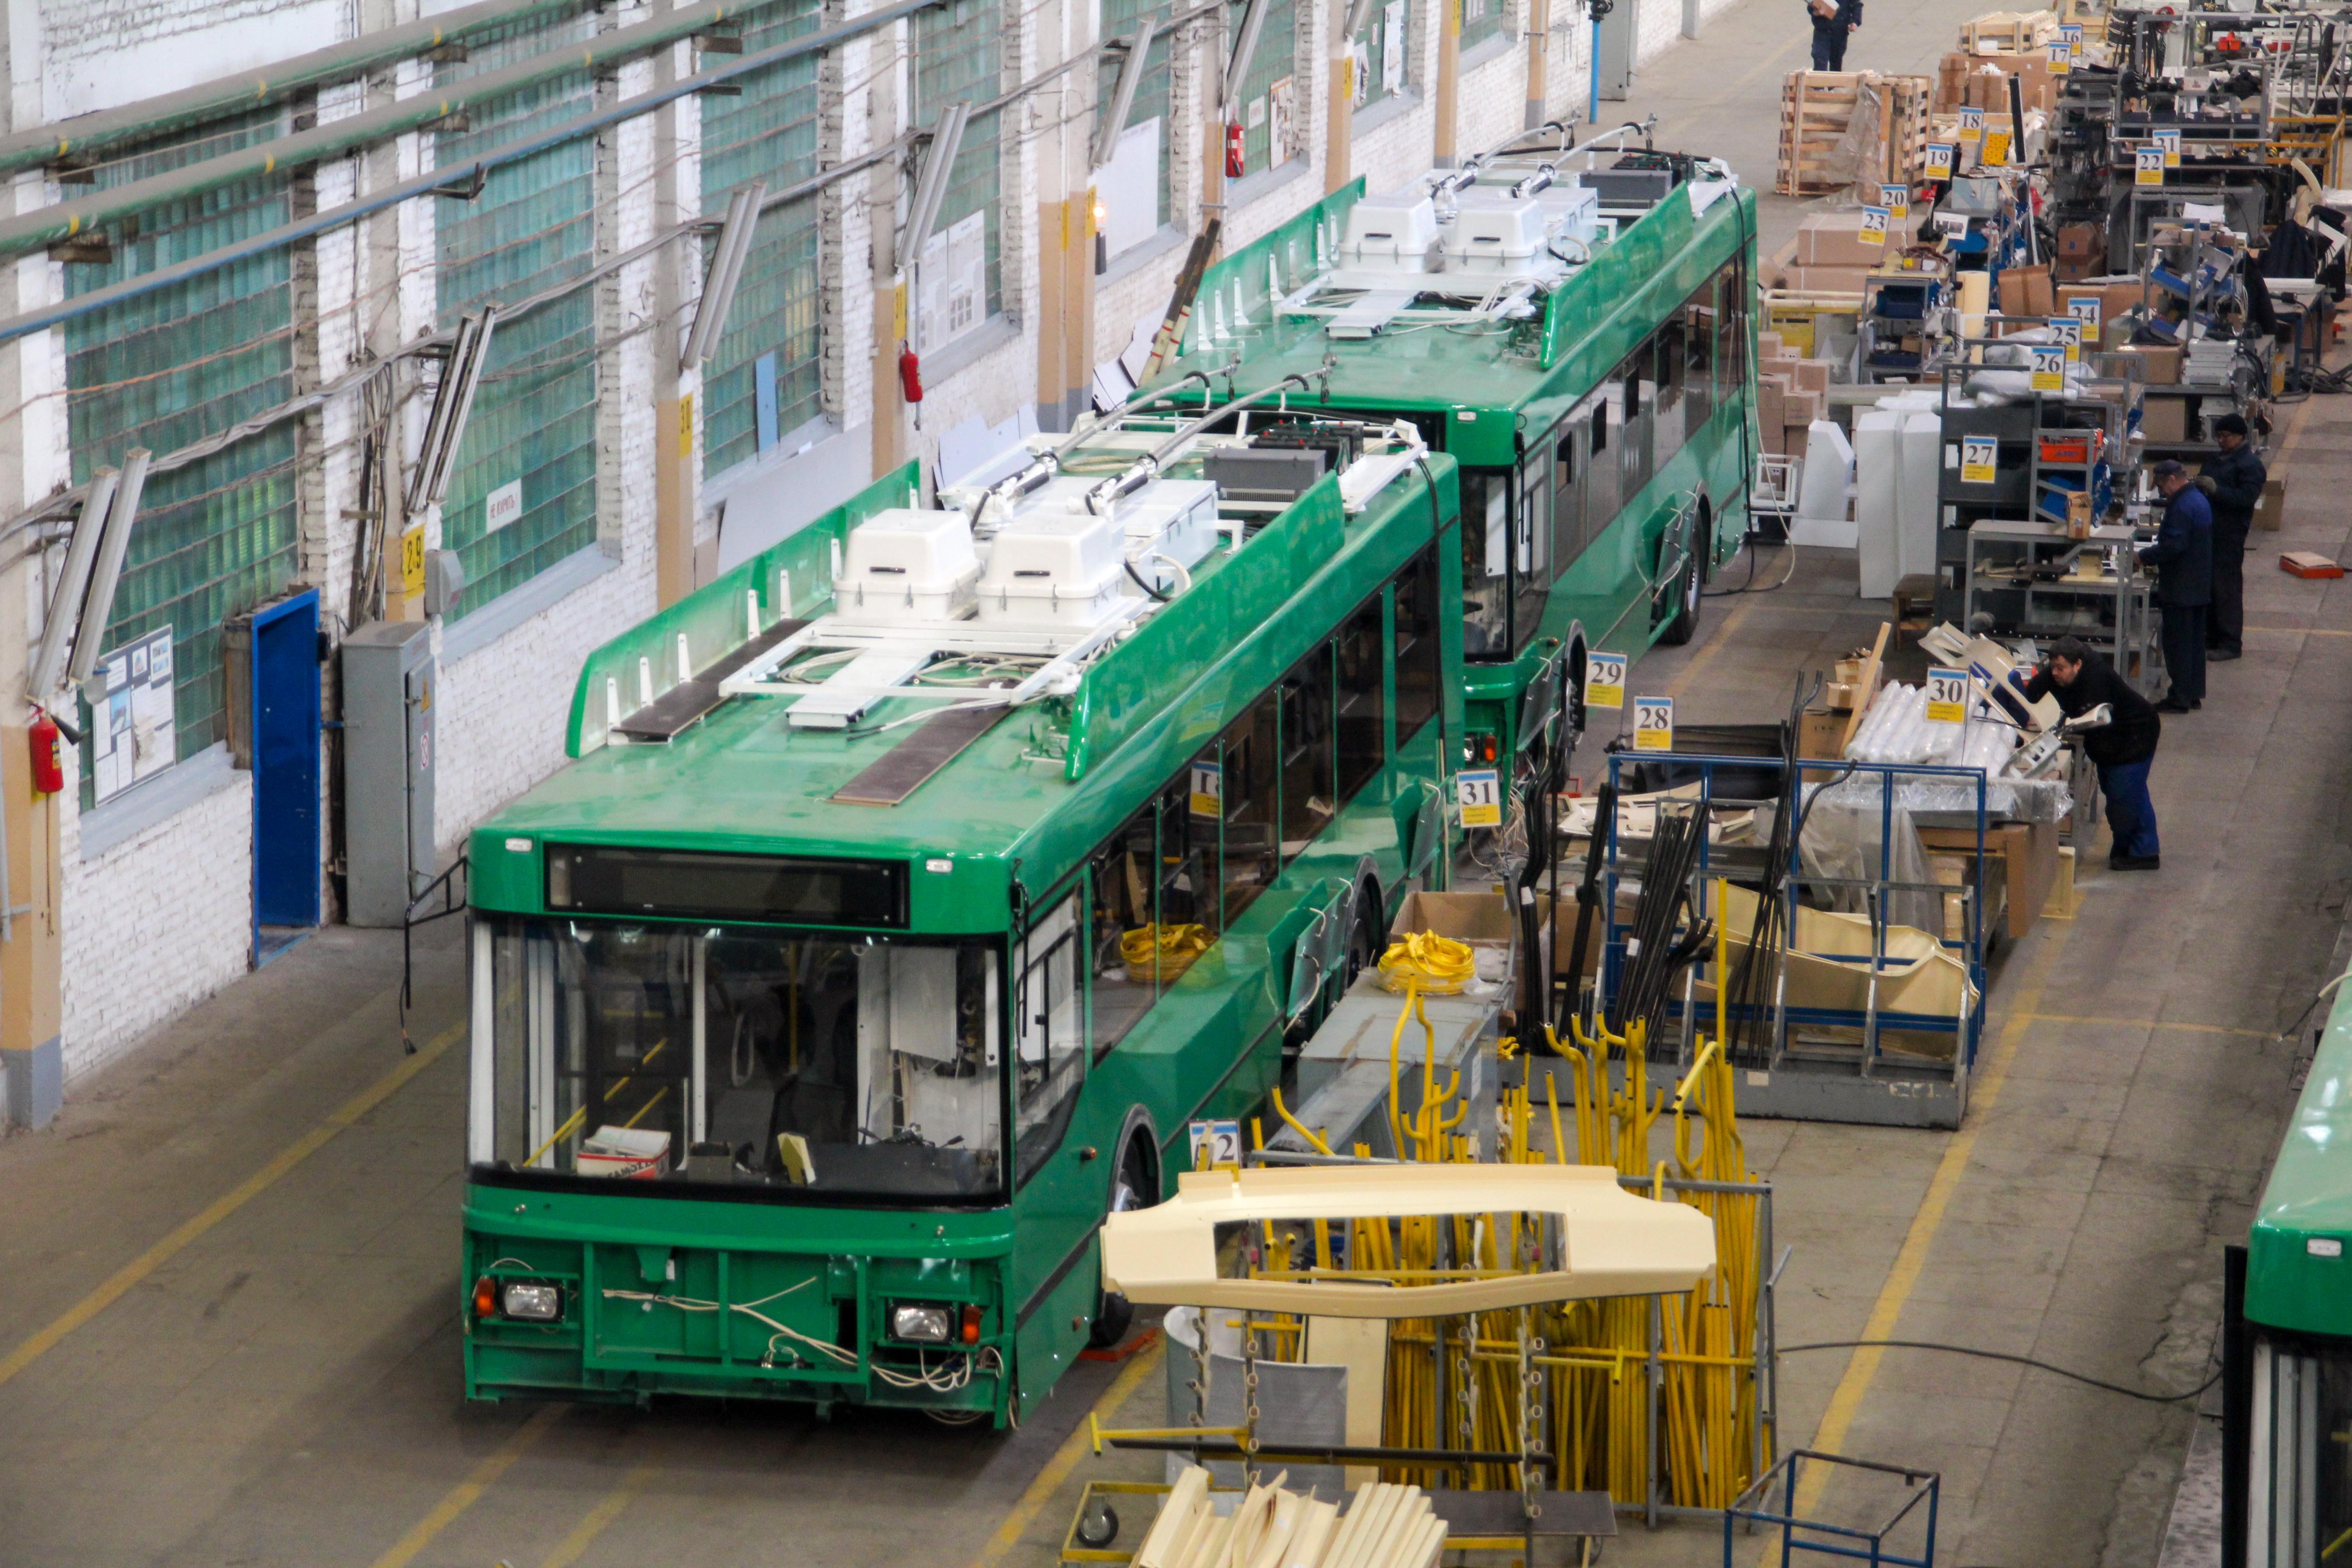 экскурсия на завод троллейбусов